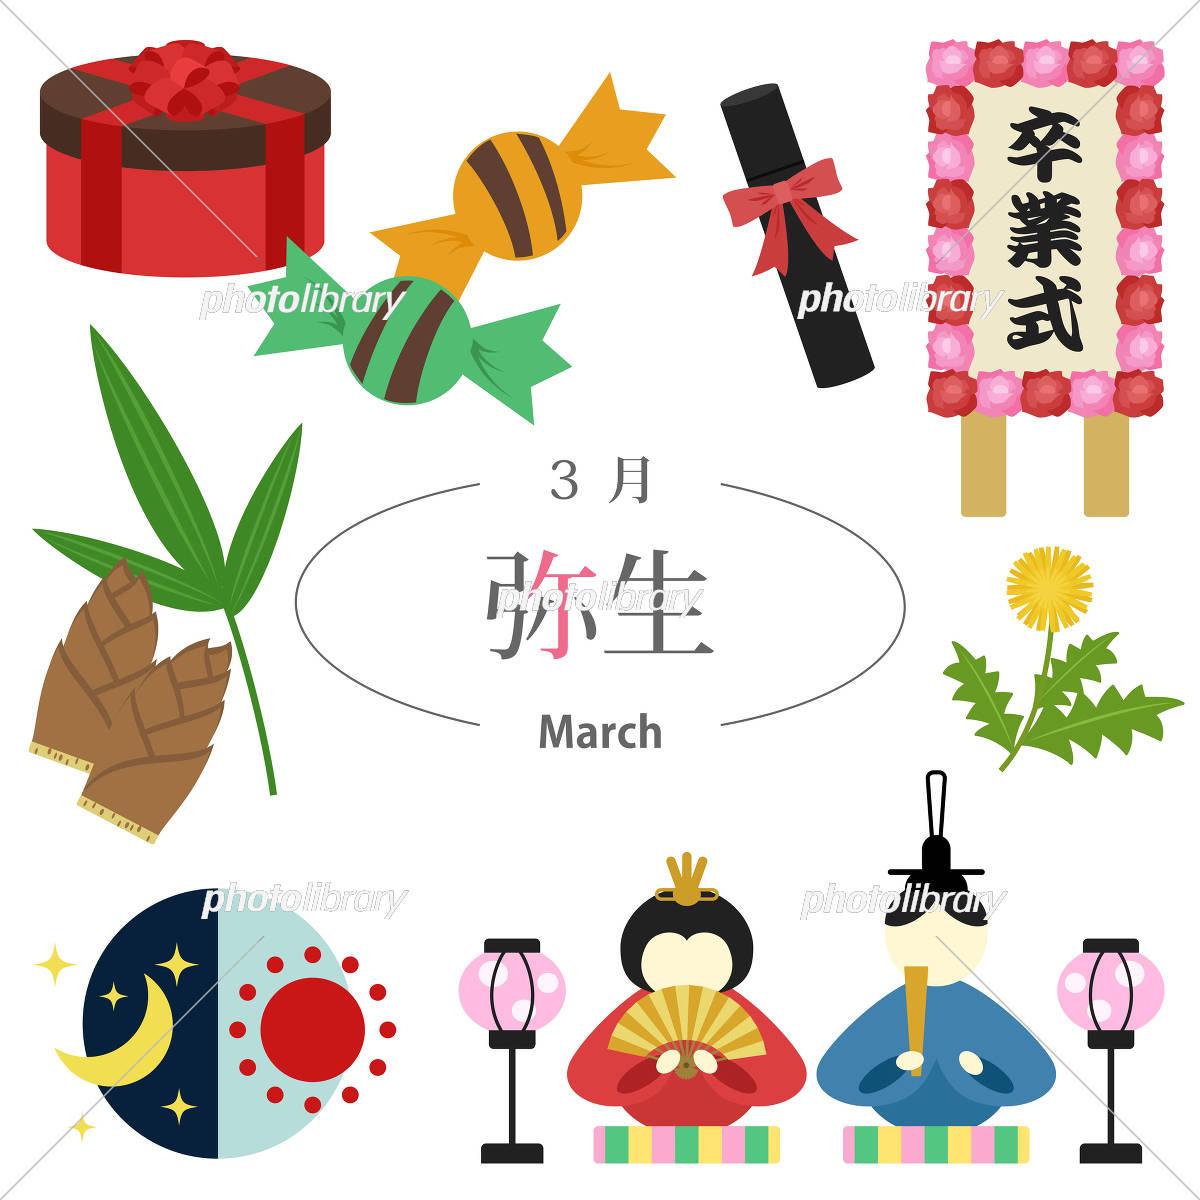 3月 弥生 イベント イラスト素材 [ 5281352 ] - フォトライブラリー ...